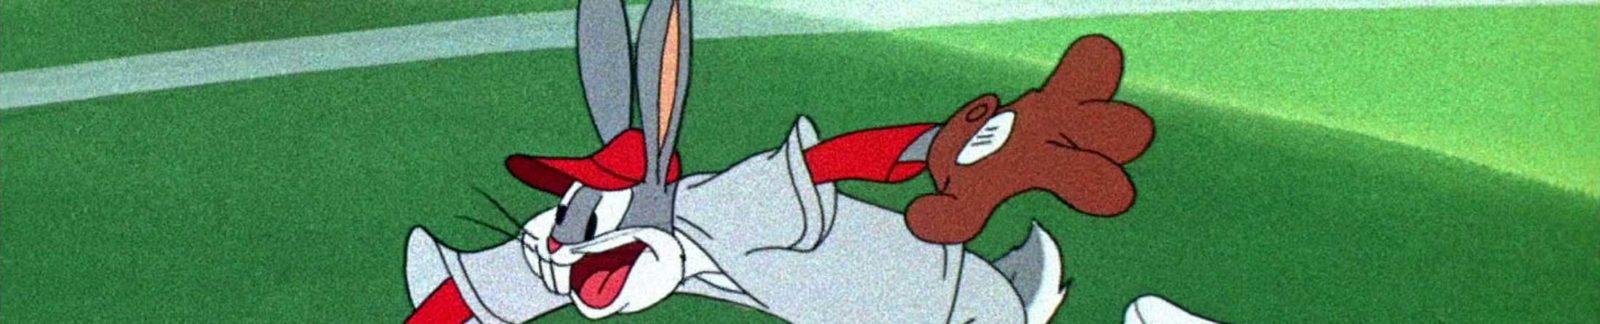 Baseball Bugs Bunny cartoon - header